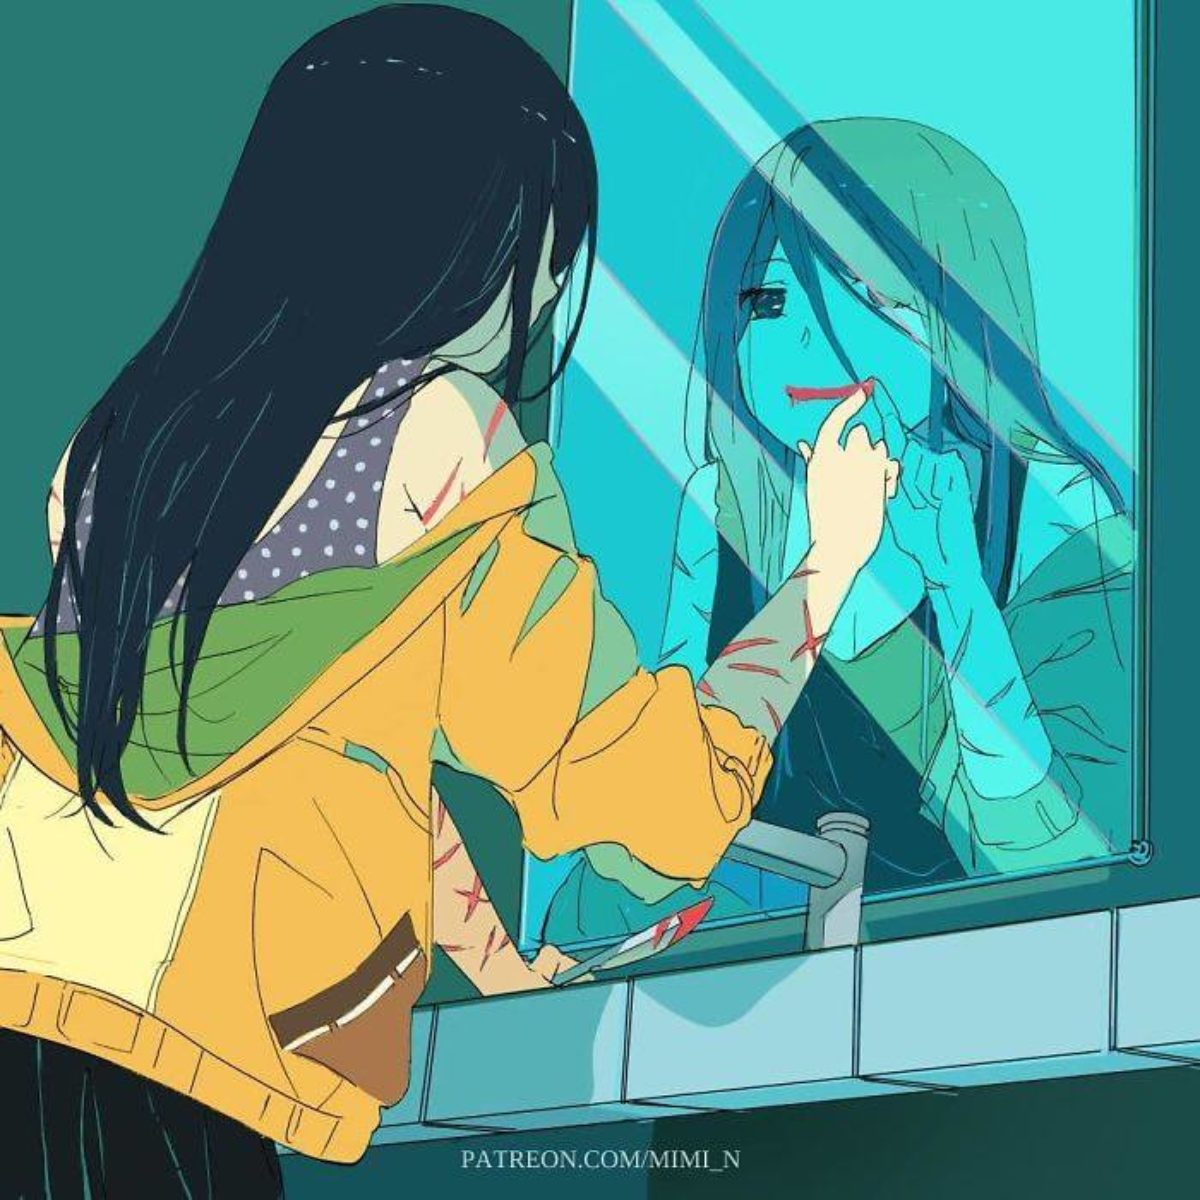 illustrazioni alienazione società moderna